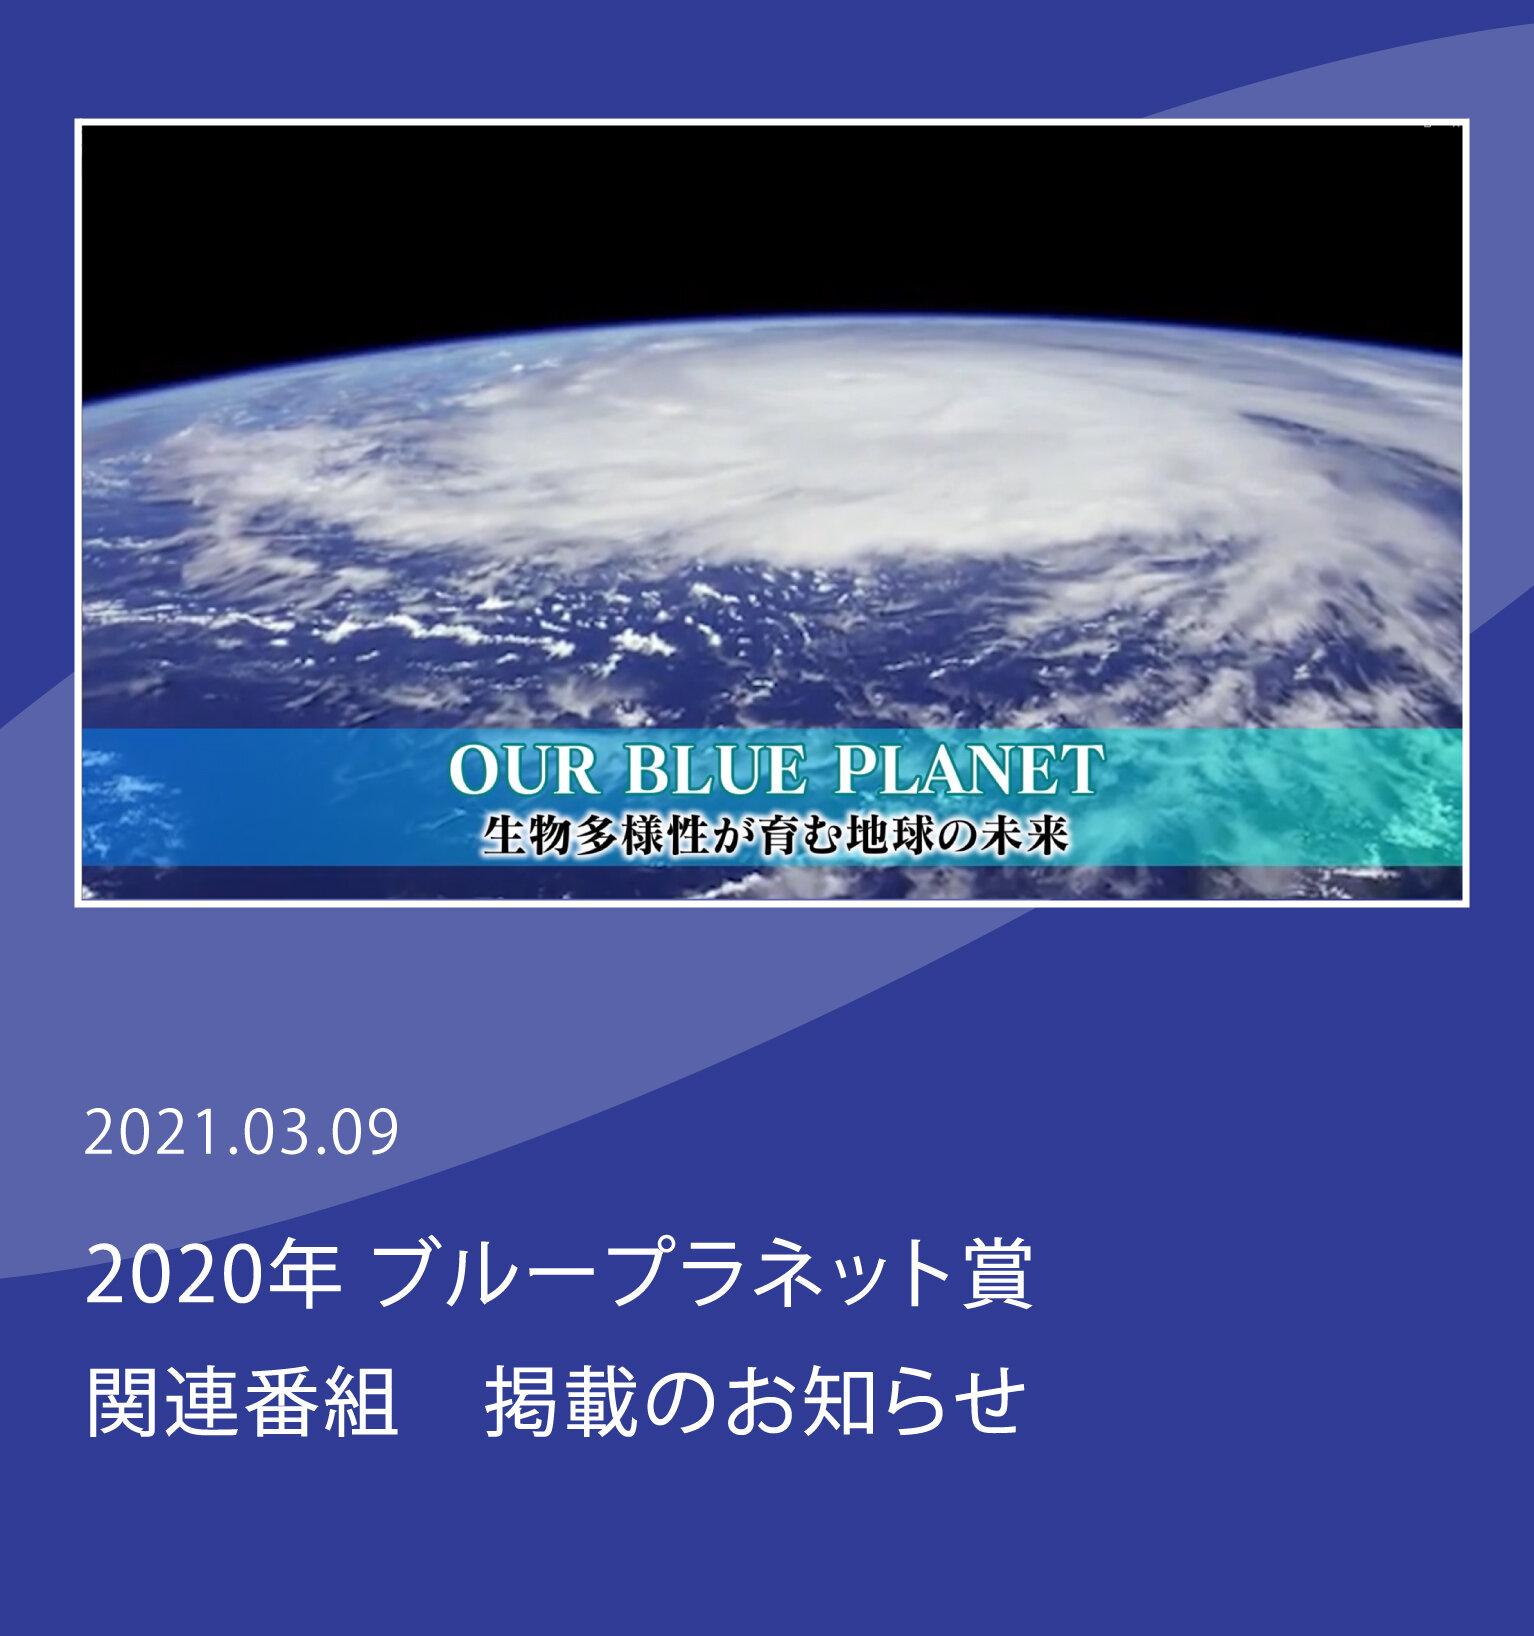 2020年ブループラネット賞関連番組「OUR BLUE PLANET」をホームページに掲載しました。